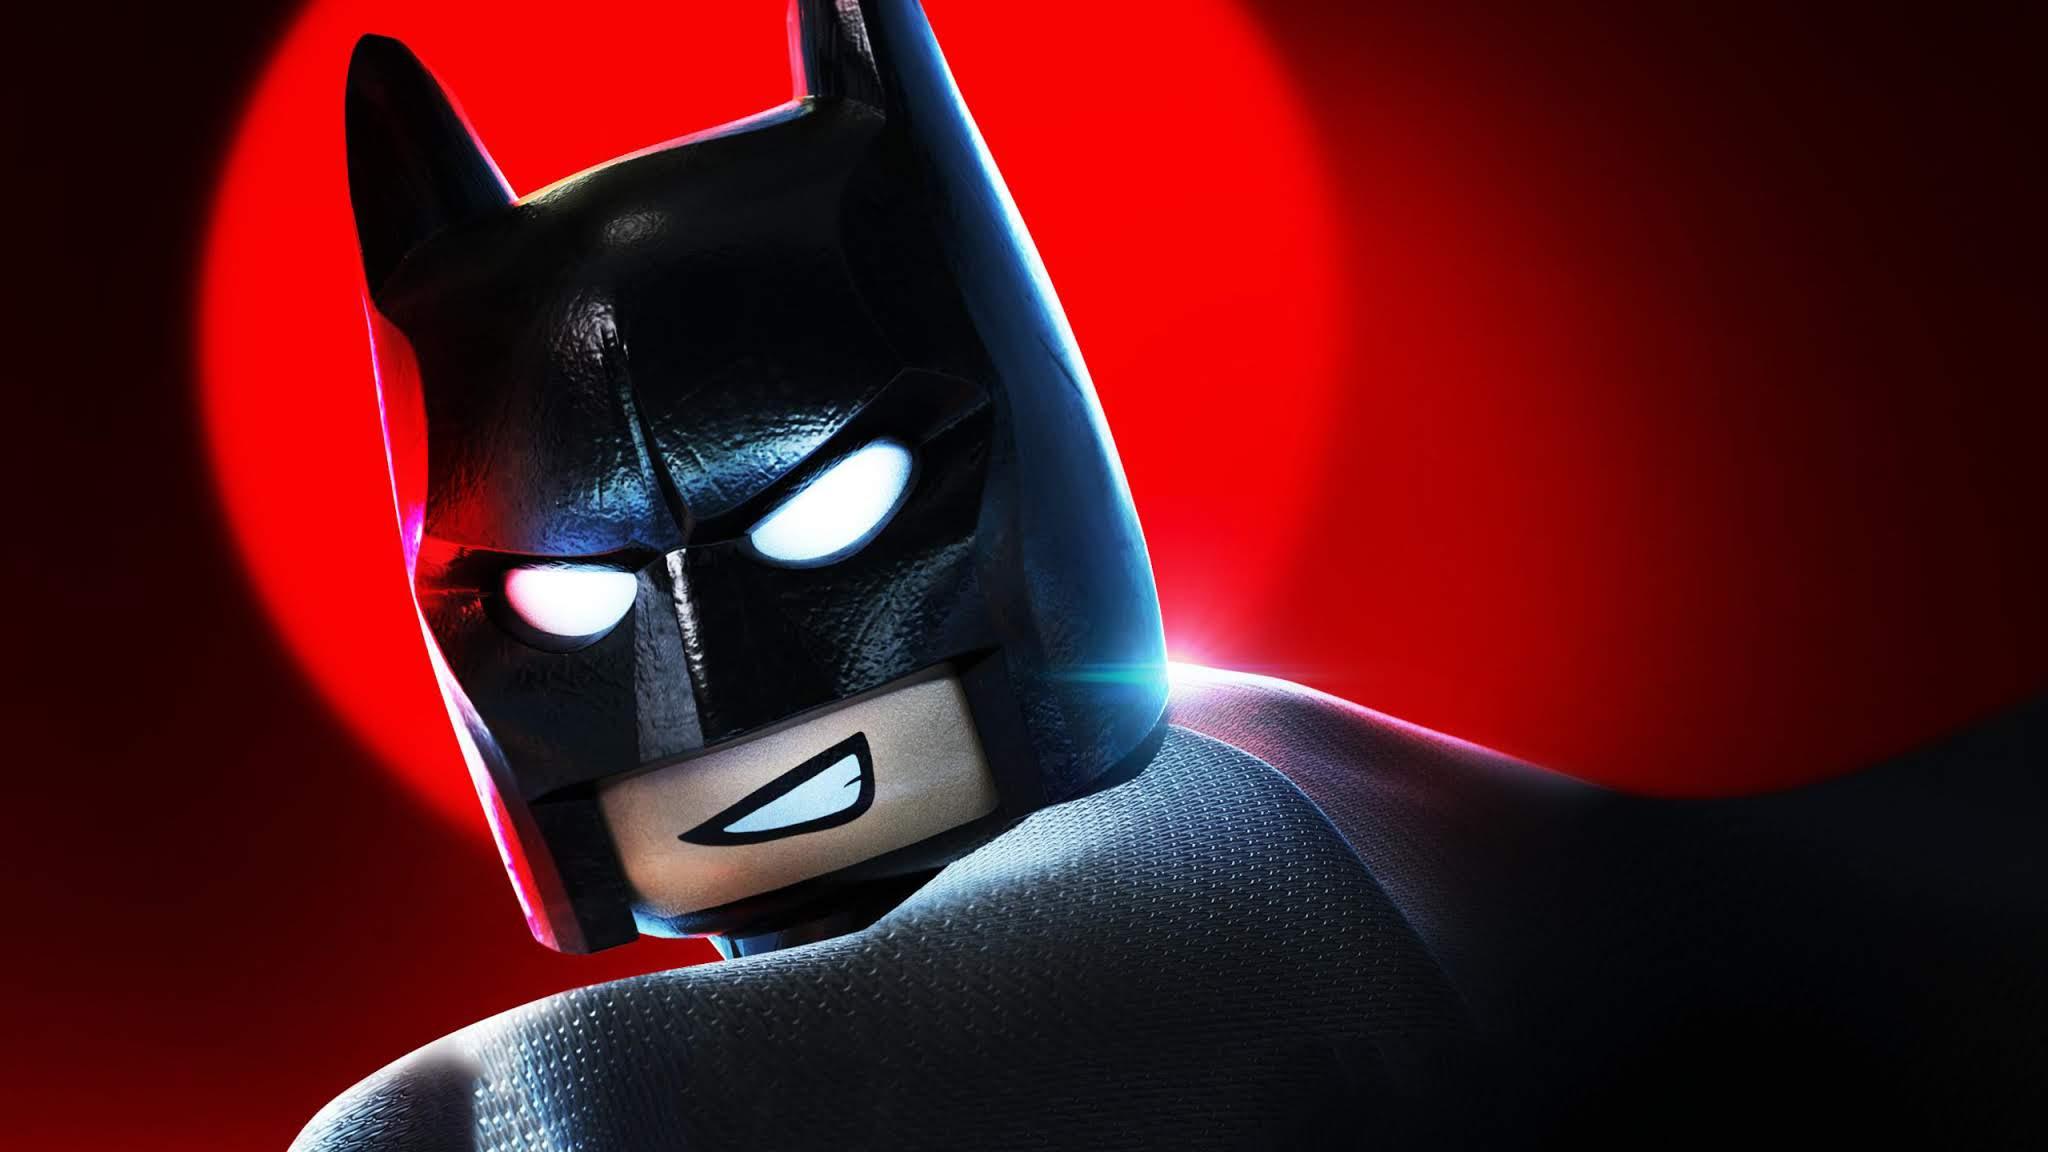 Lego Batman Wallpaper